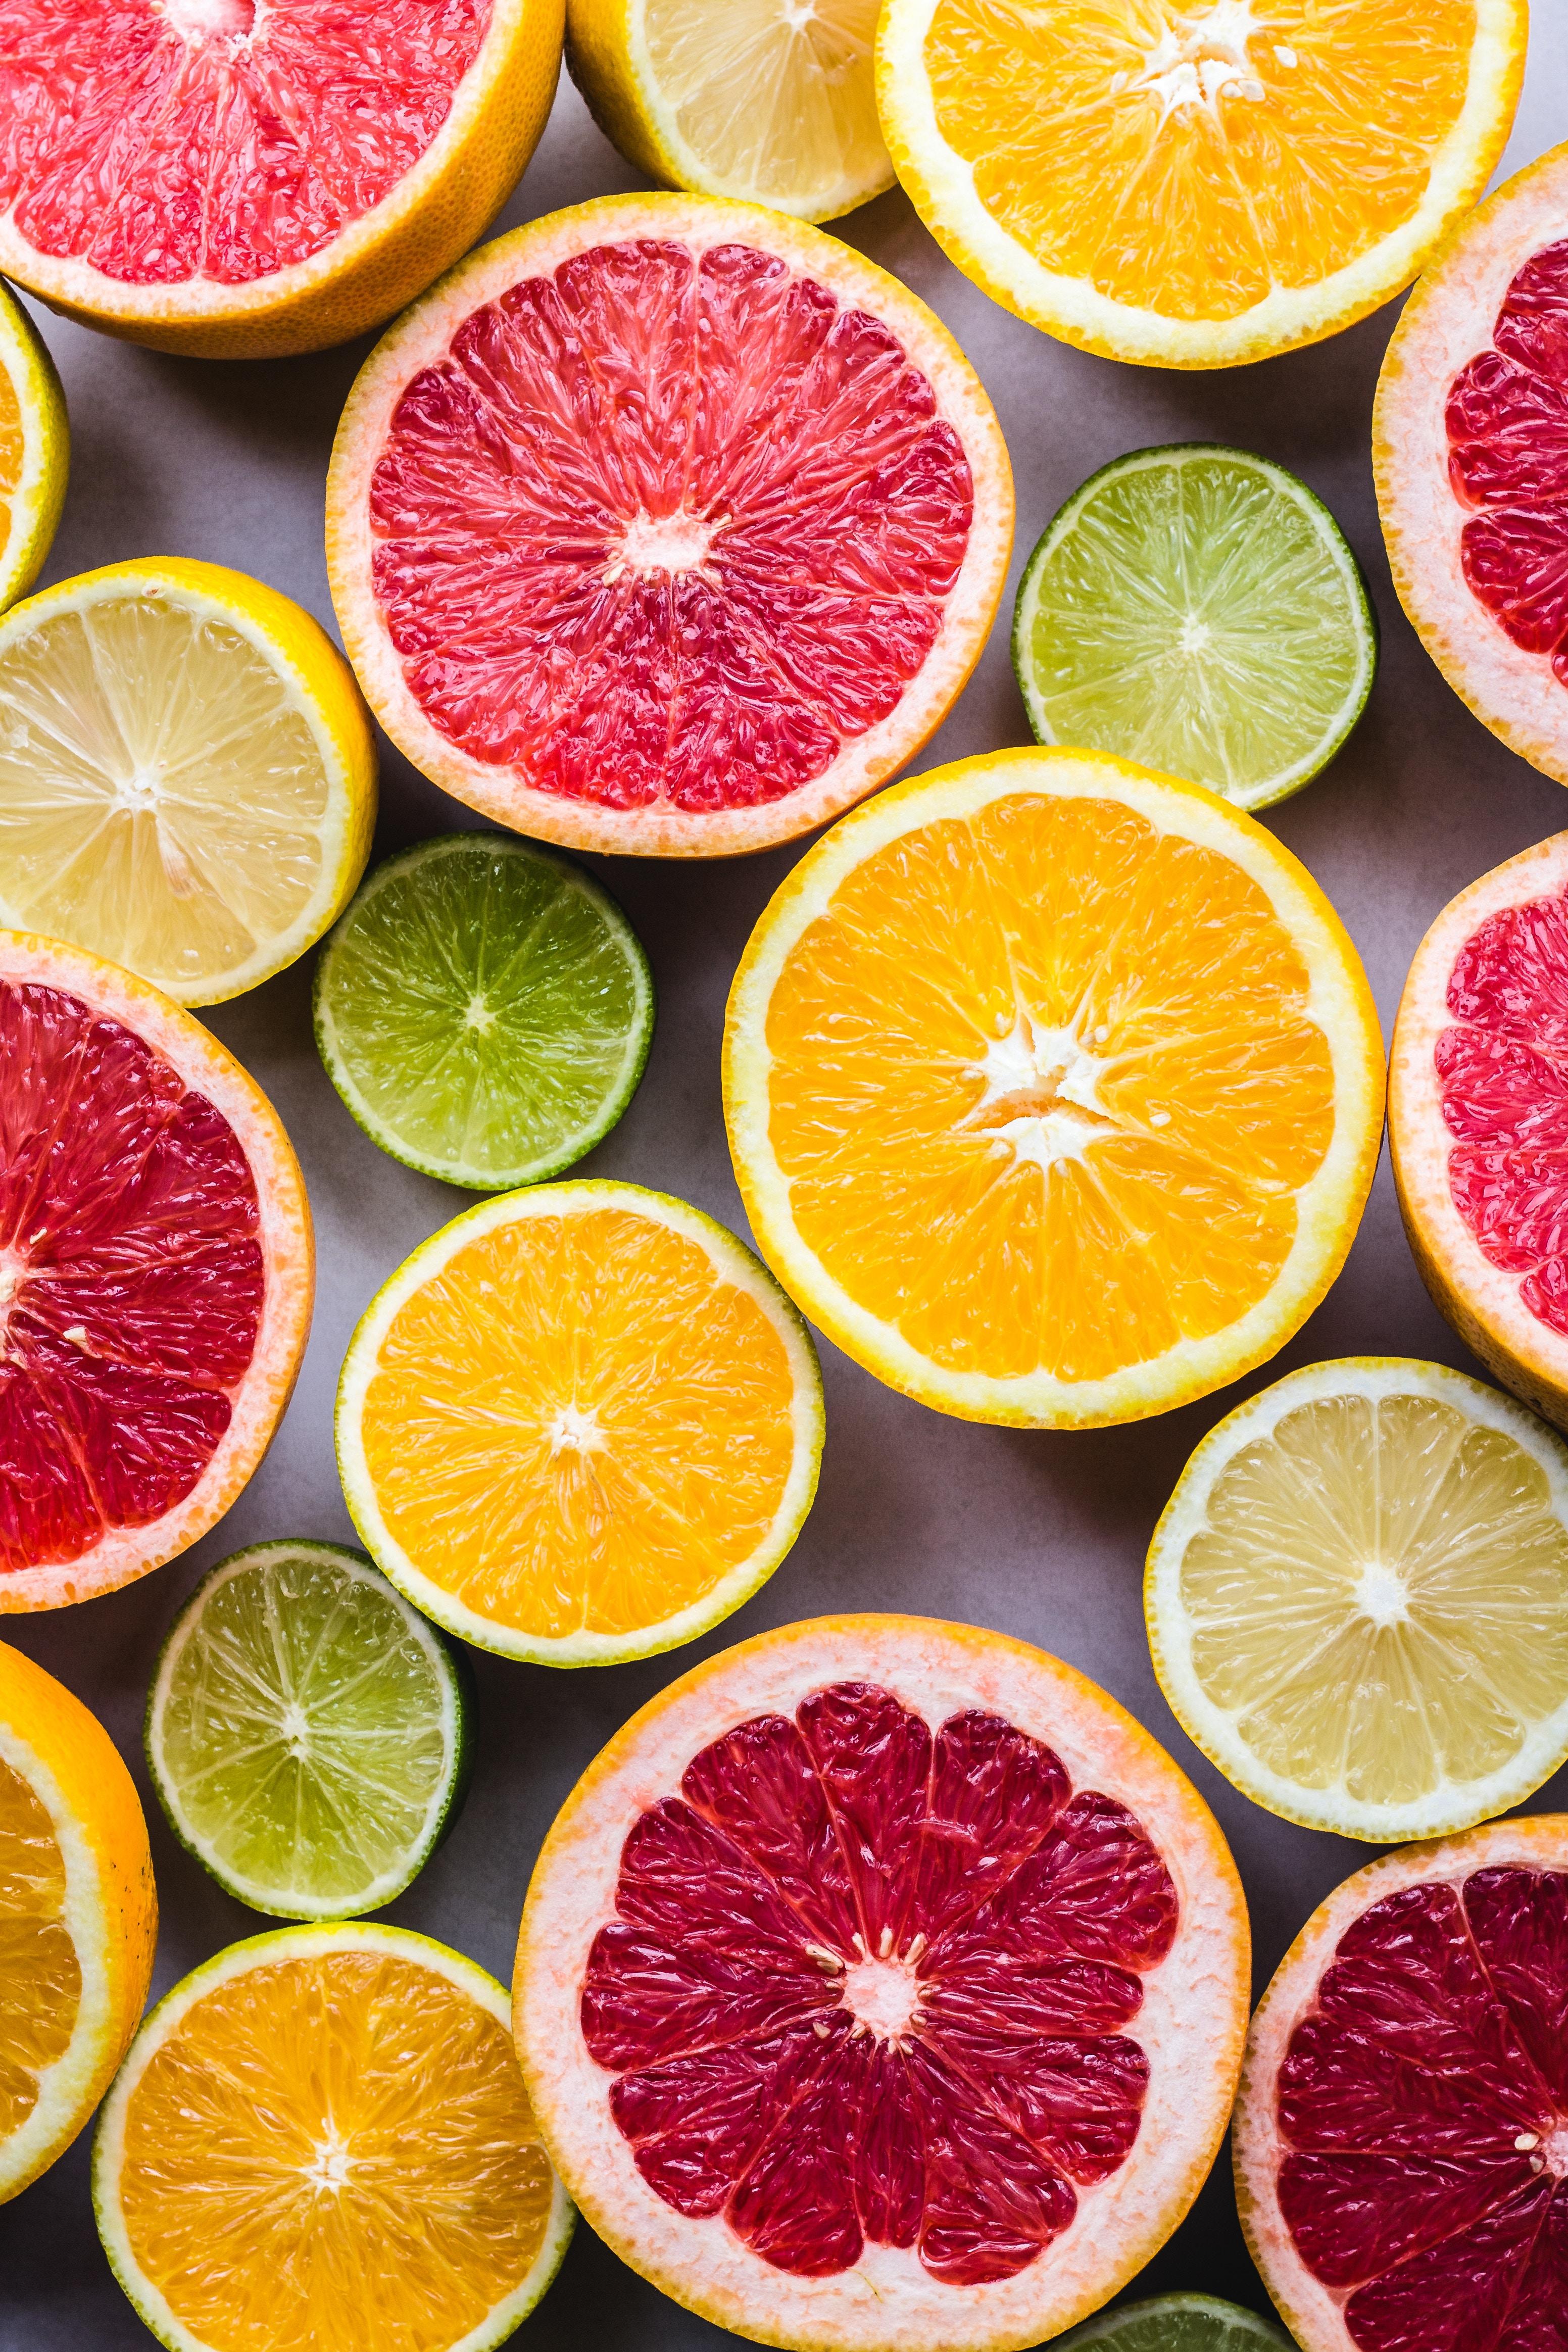 131912 скачать обои Фрукты, Лимоны, Цитрус, Еда, Апельсины, Лаймы, Грейпфруты - заставки и картинки бесплатно